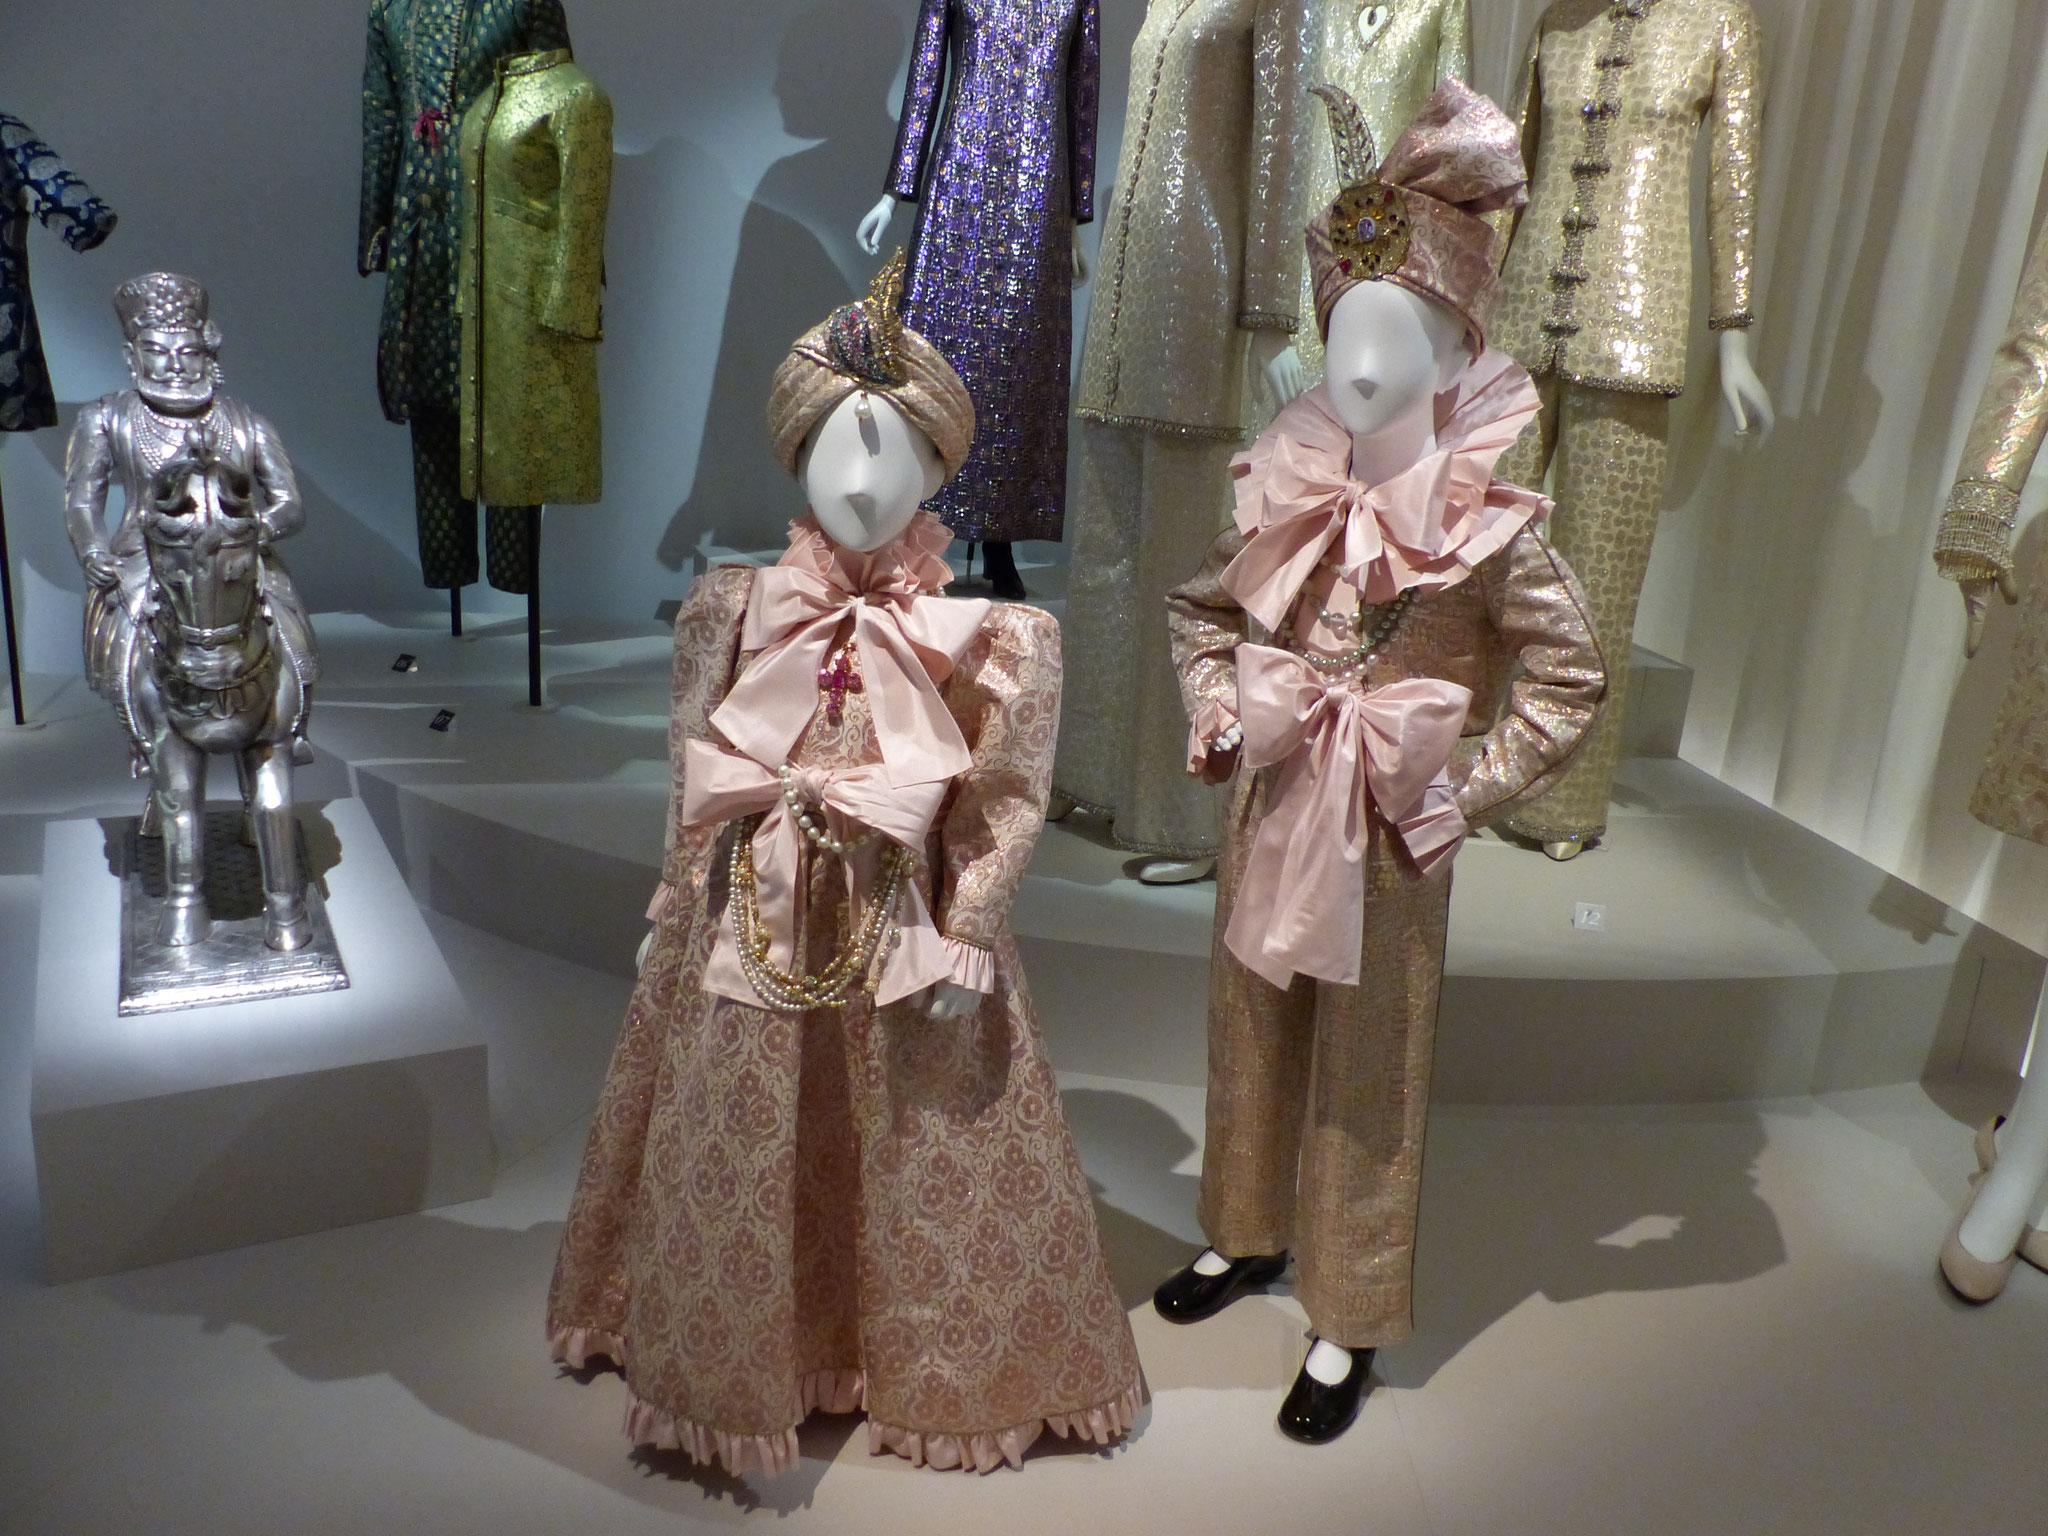 Garçon et Demoiselle d'honneur - vêtements en soie brochée